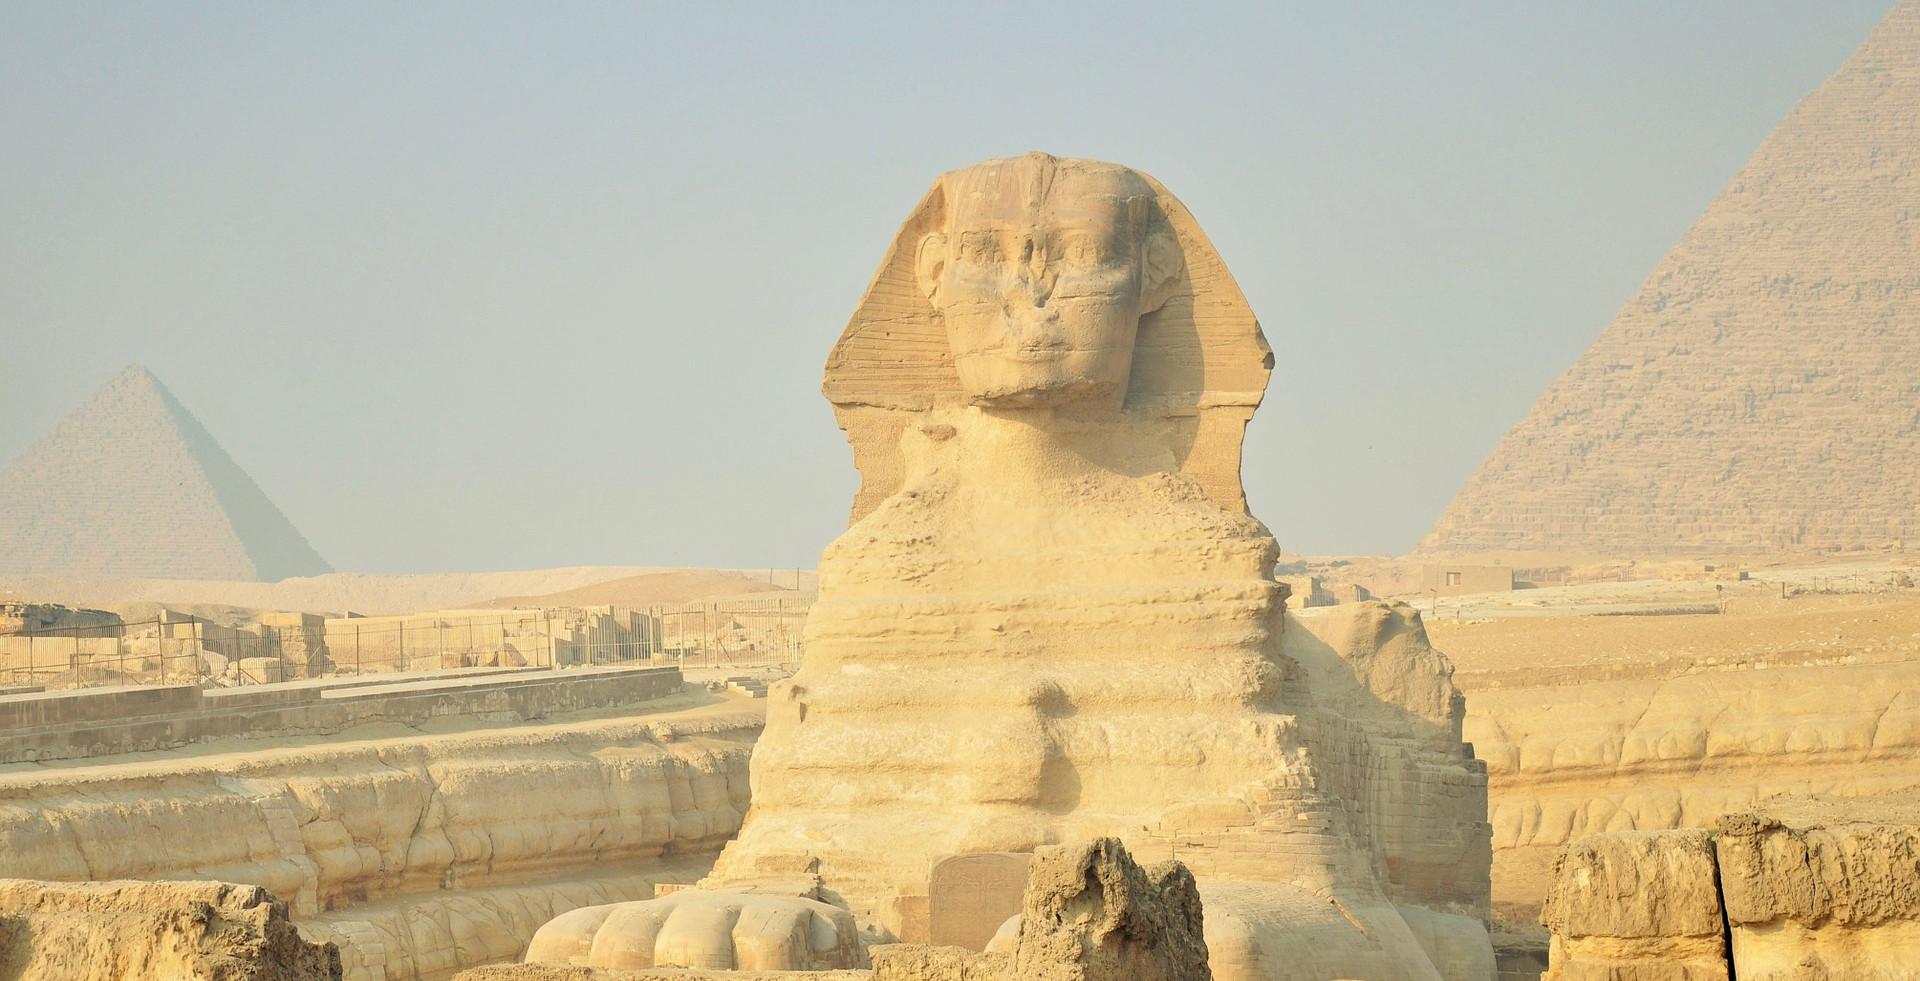 egypt-1179193_1920.jpg